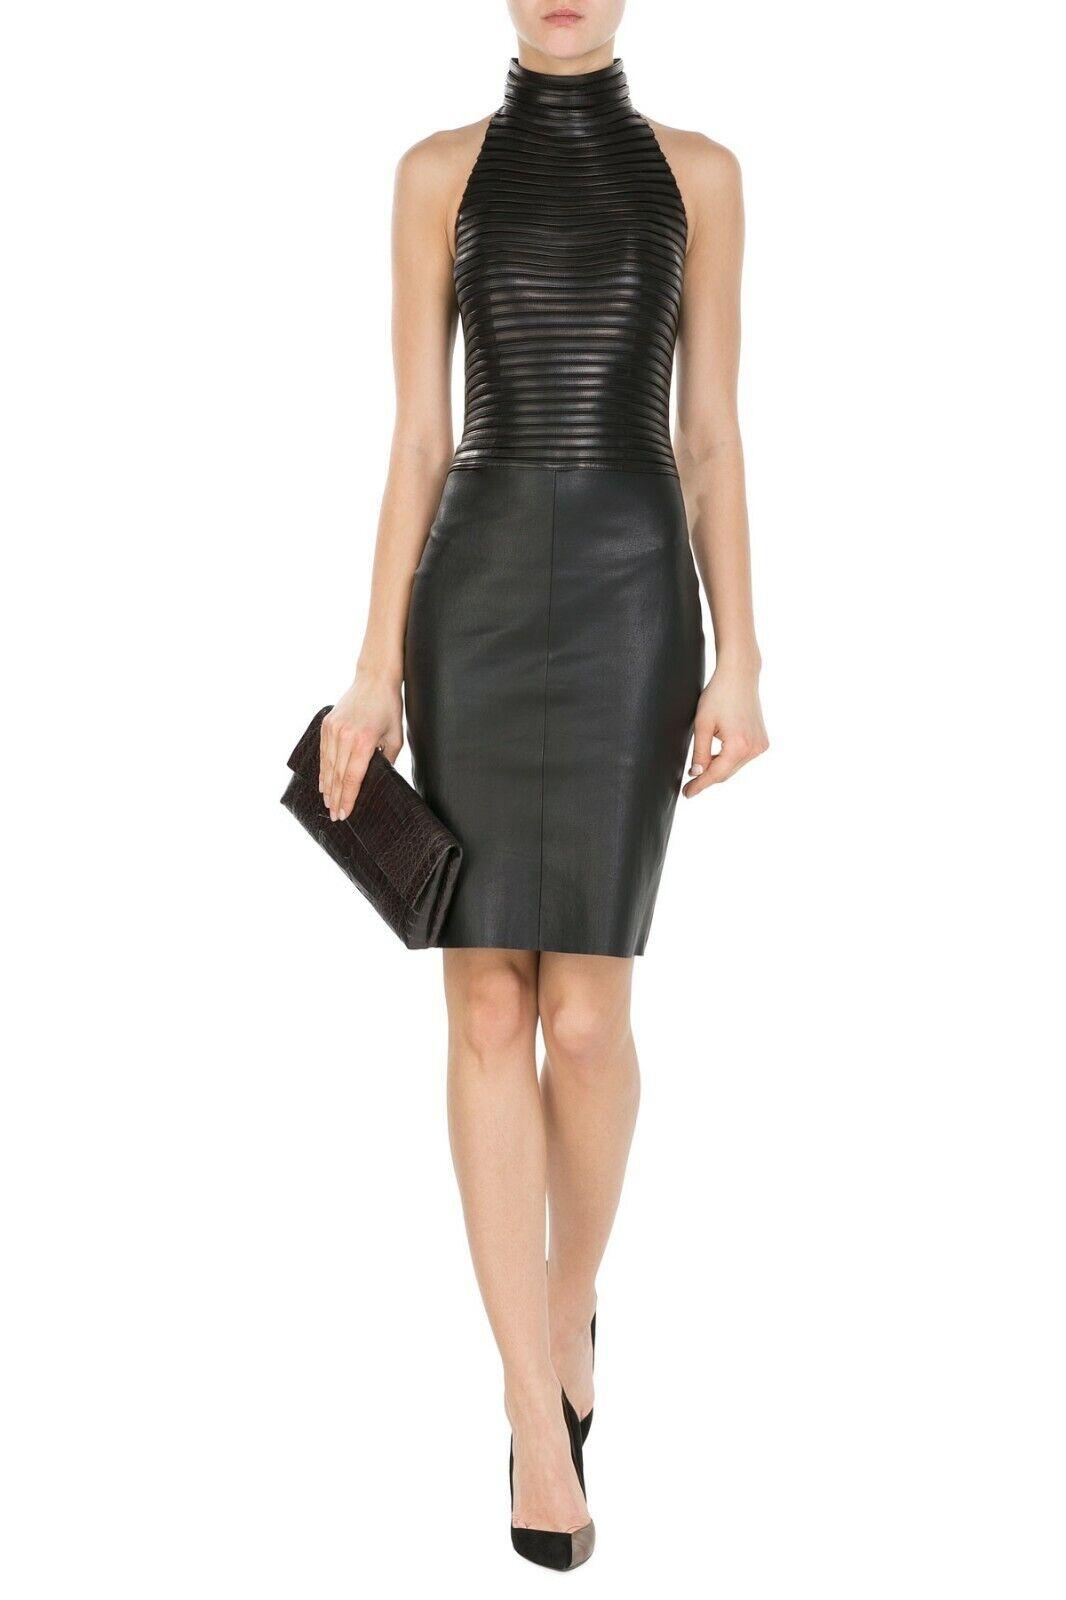 minikleid kleid satin ausschnitt rückenfrei h&m s 36 neu | ebay